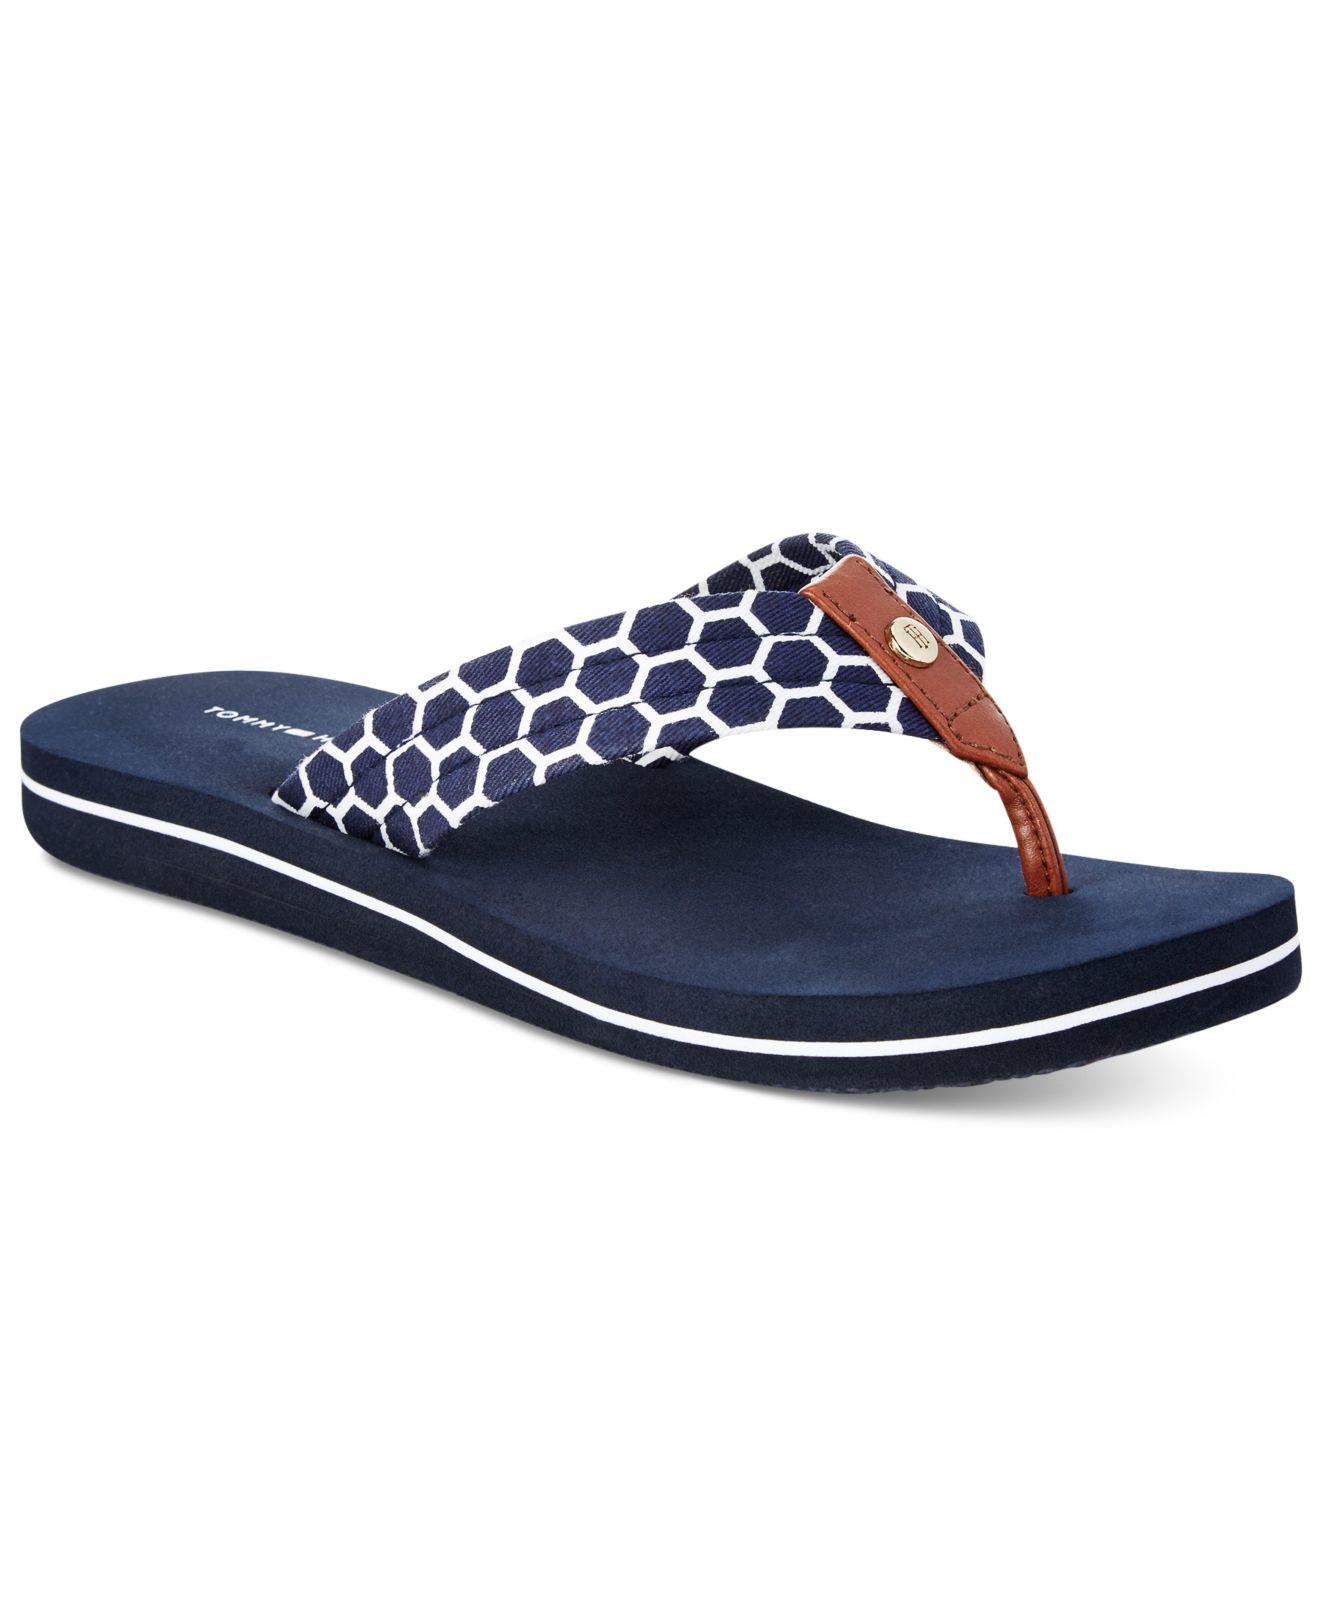 tommy hilfiger tommy hilfger cadeen flip flop sandals in. Black Bedroom Furniture Sets. Home Design Ideas